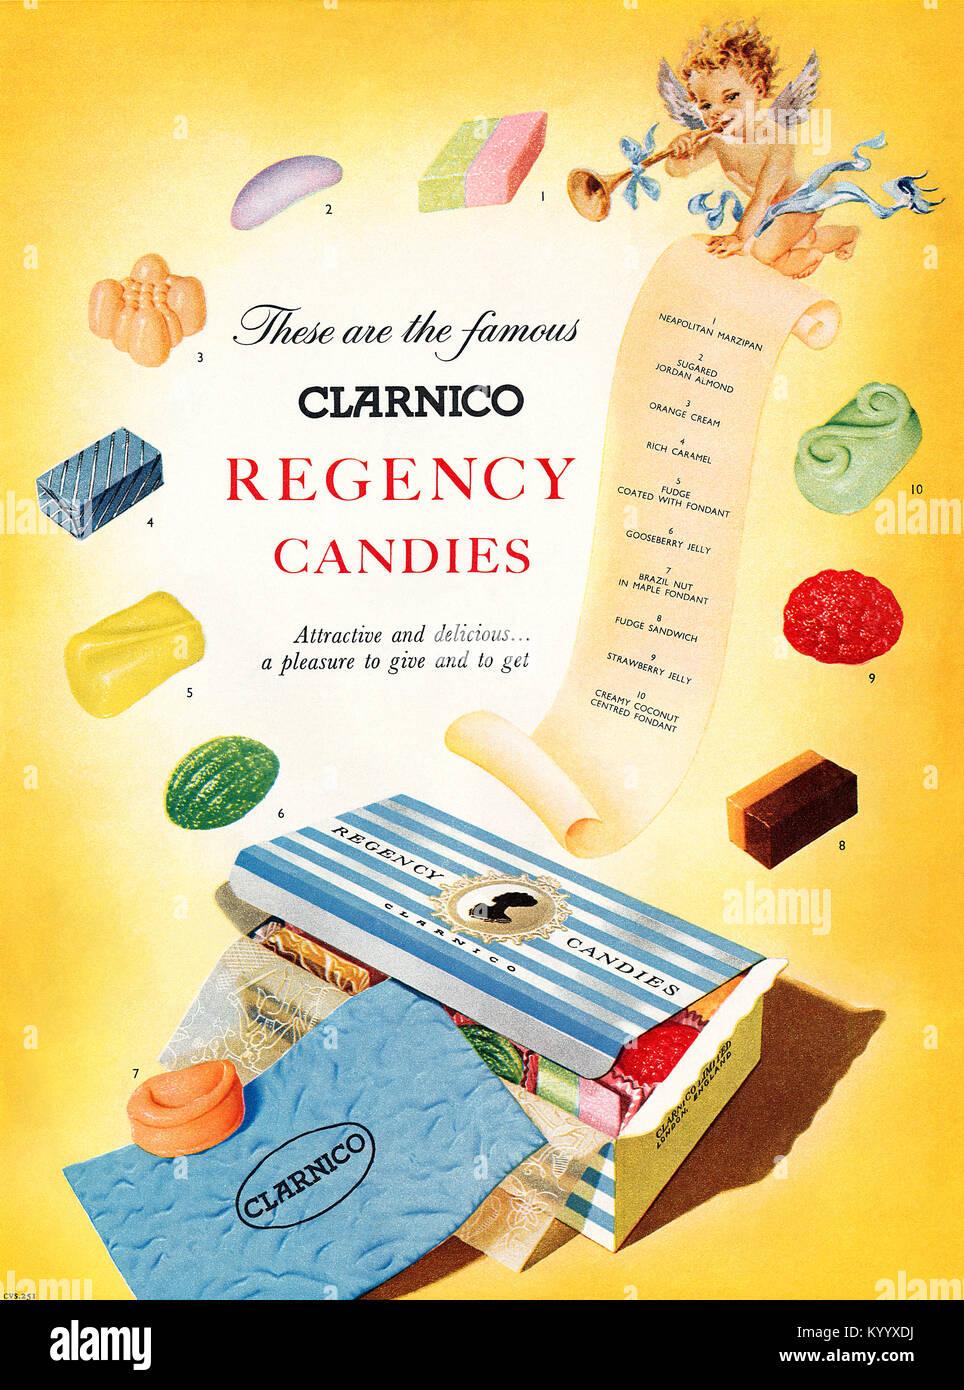 1954 anuncio británico para Clarnico Regency caramelos. Imagen De Stock